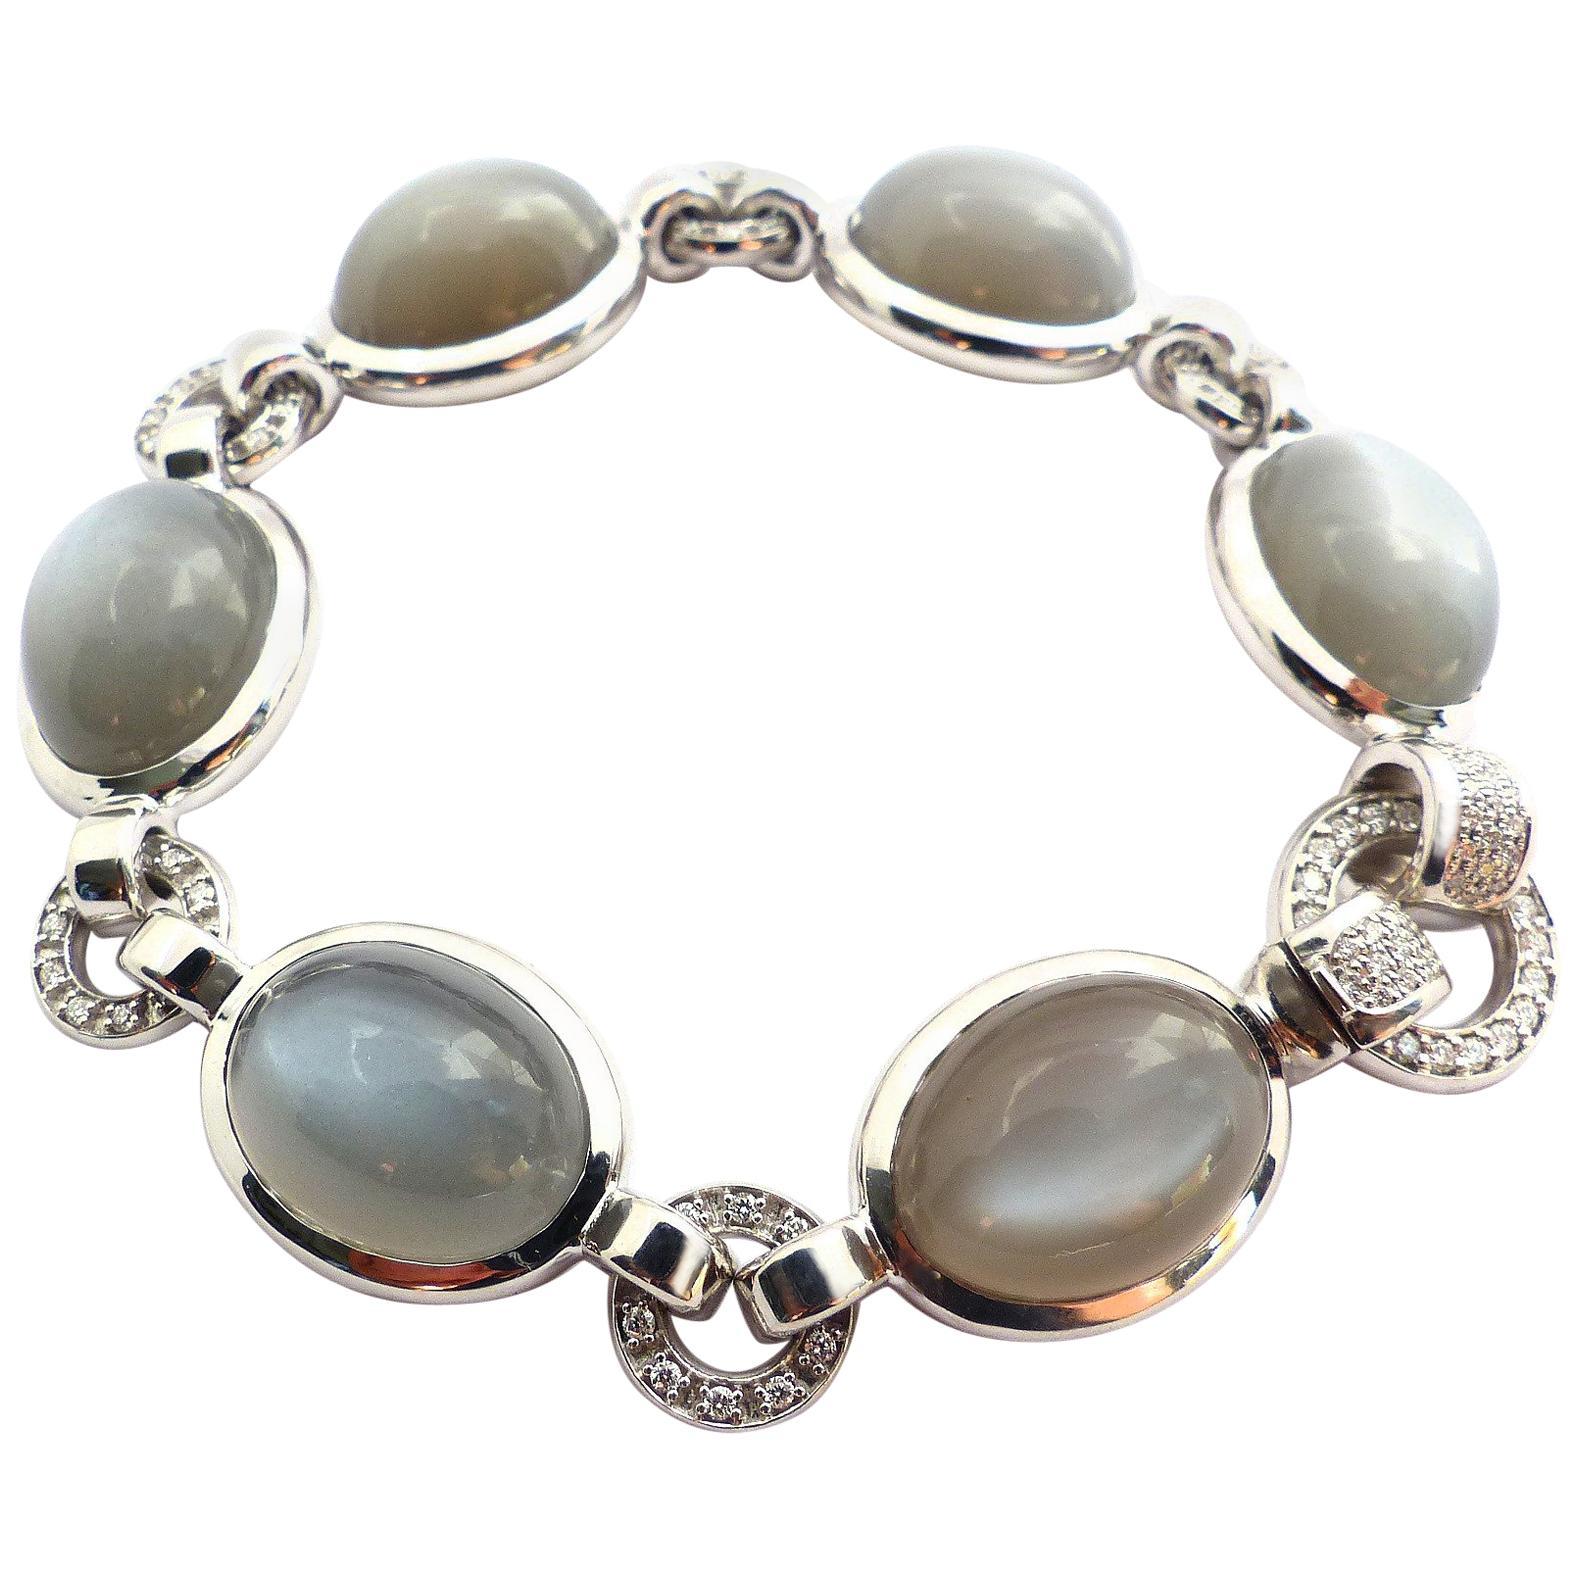 Leyser 18k White Gold Moonstone & Diamonds Bracelet